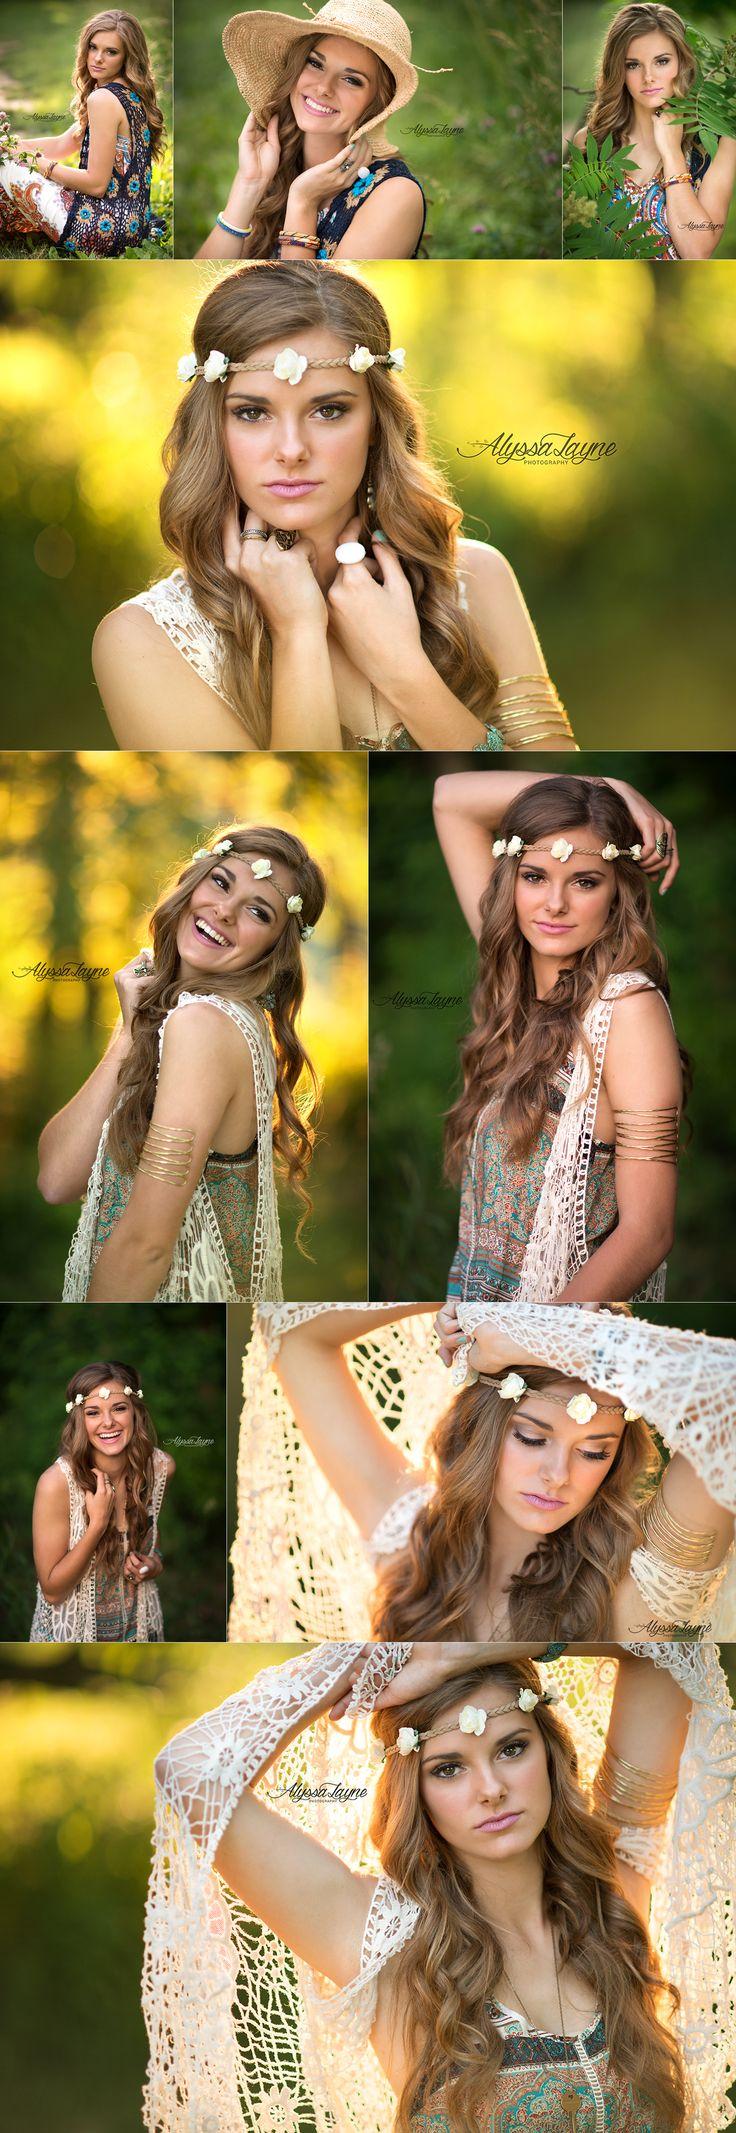 Ali   Senior Poses   Senior Photography   Senior Pictures   Illinois Senior Photographer   Alyssa Layne Photography